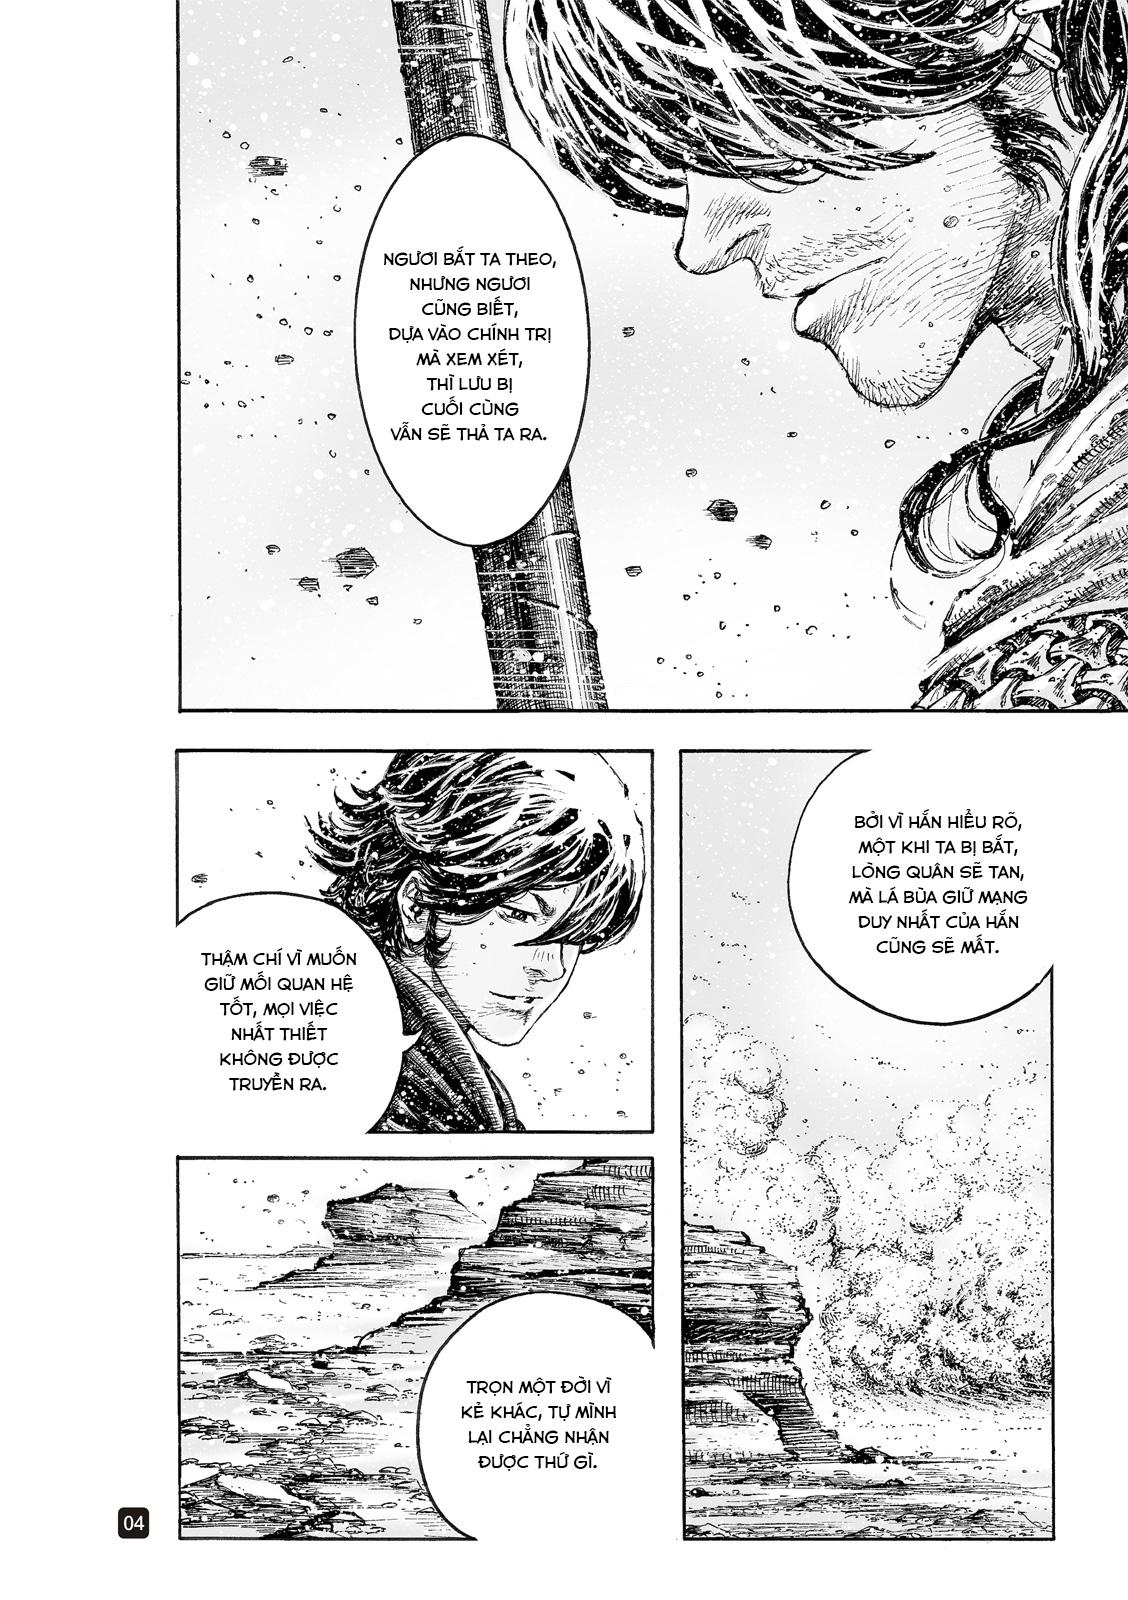 Hỏa phụng liêu nguyên Chương 526: Thiên địa chi gian trang 4